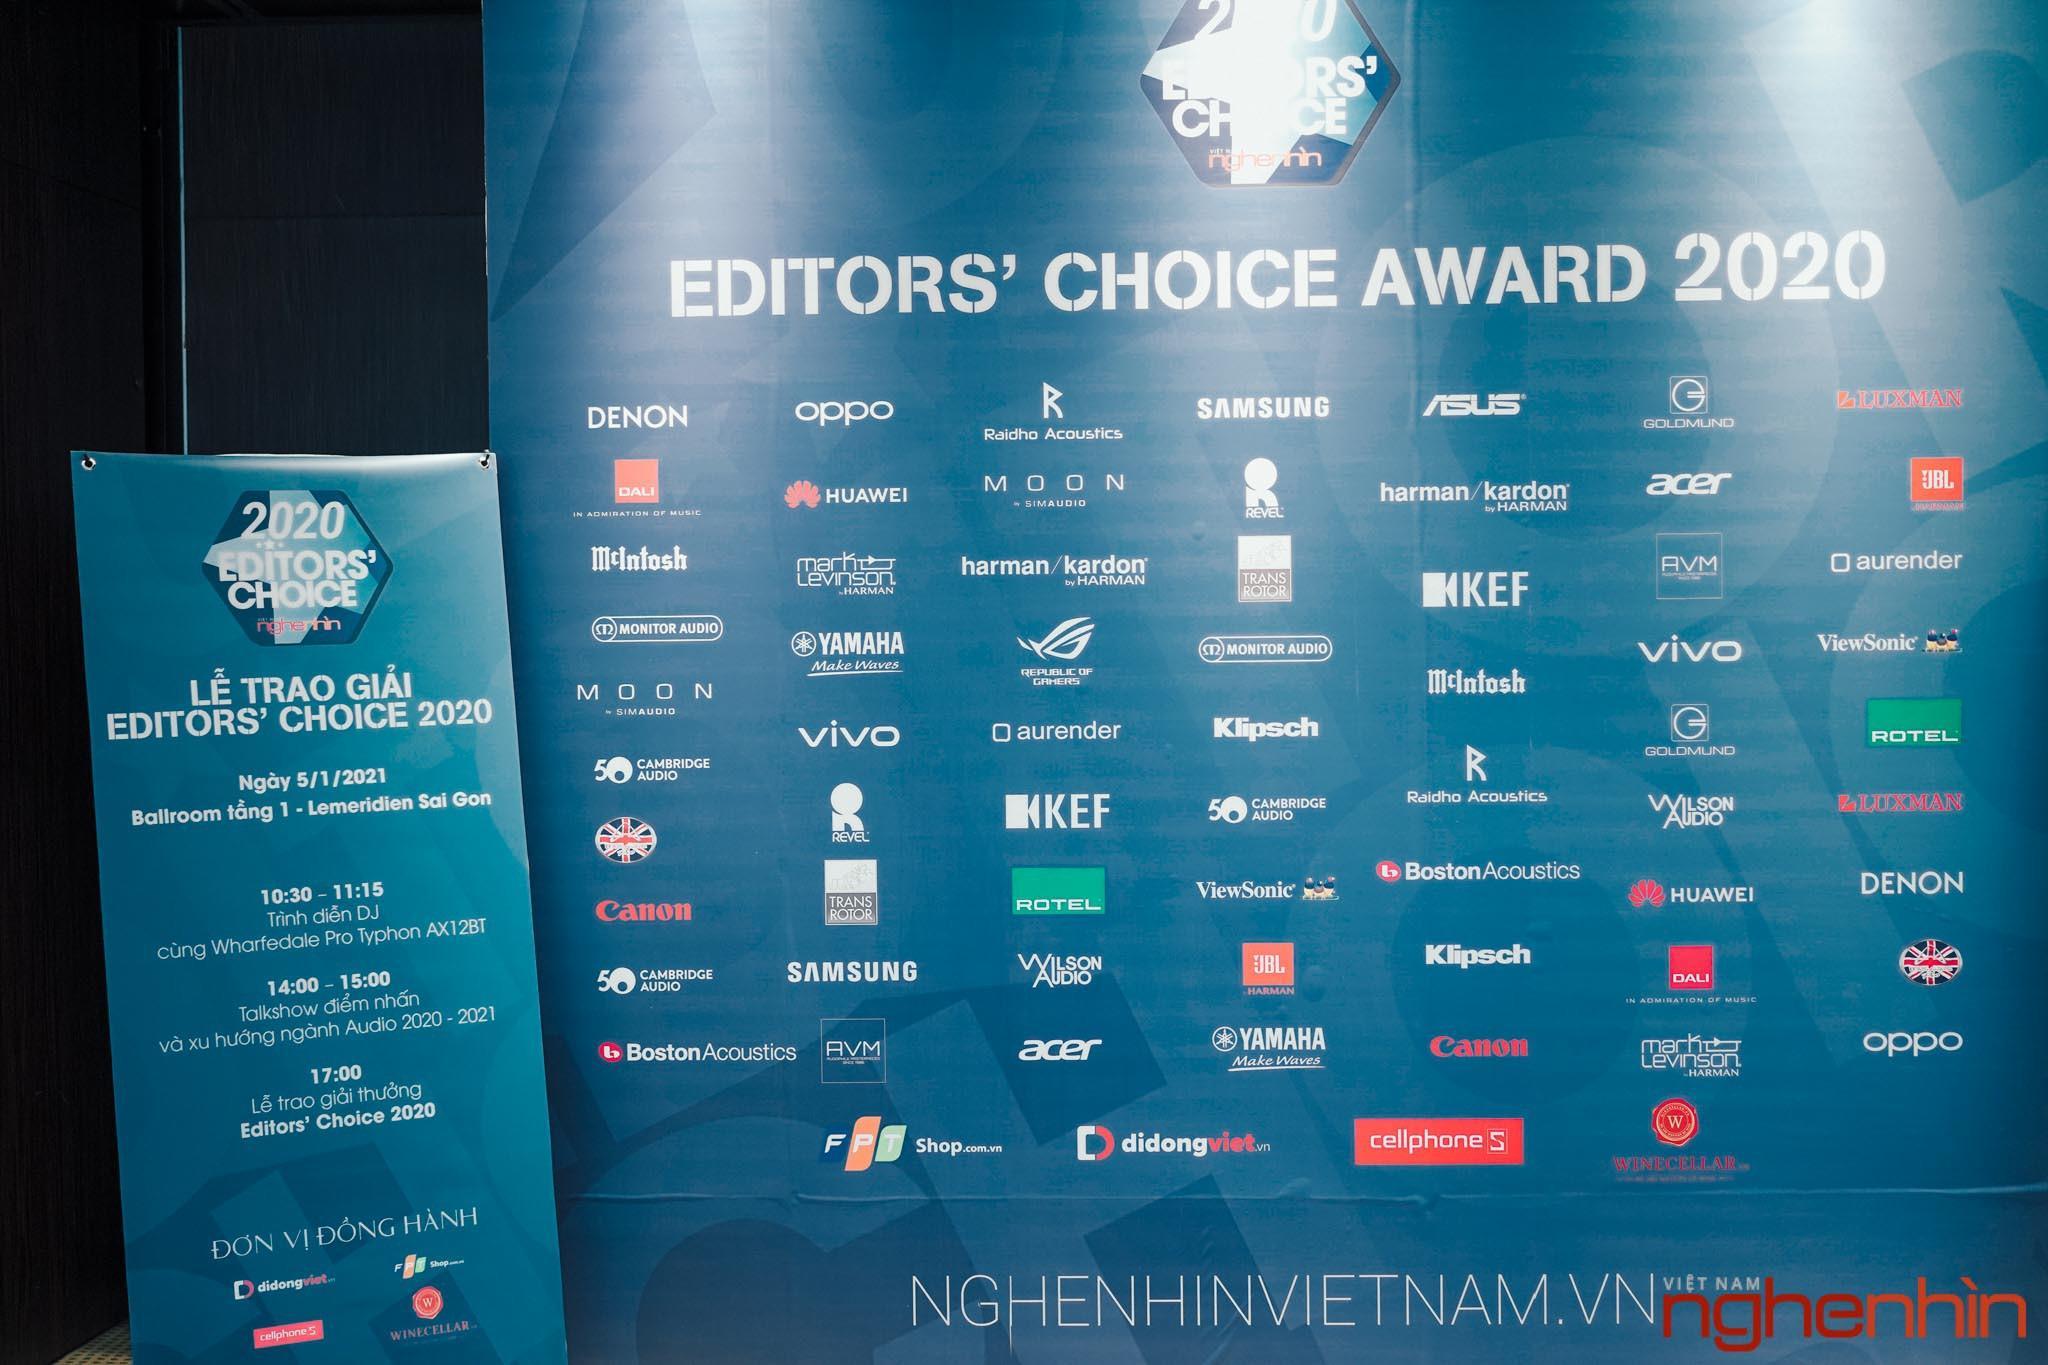 Toàn cảnh trước sự kiện Editors' Choice Awards 2020: Hào hứng setup trước giờ G Ảnh 1